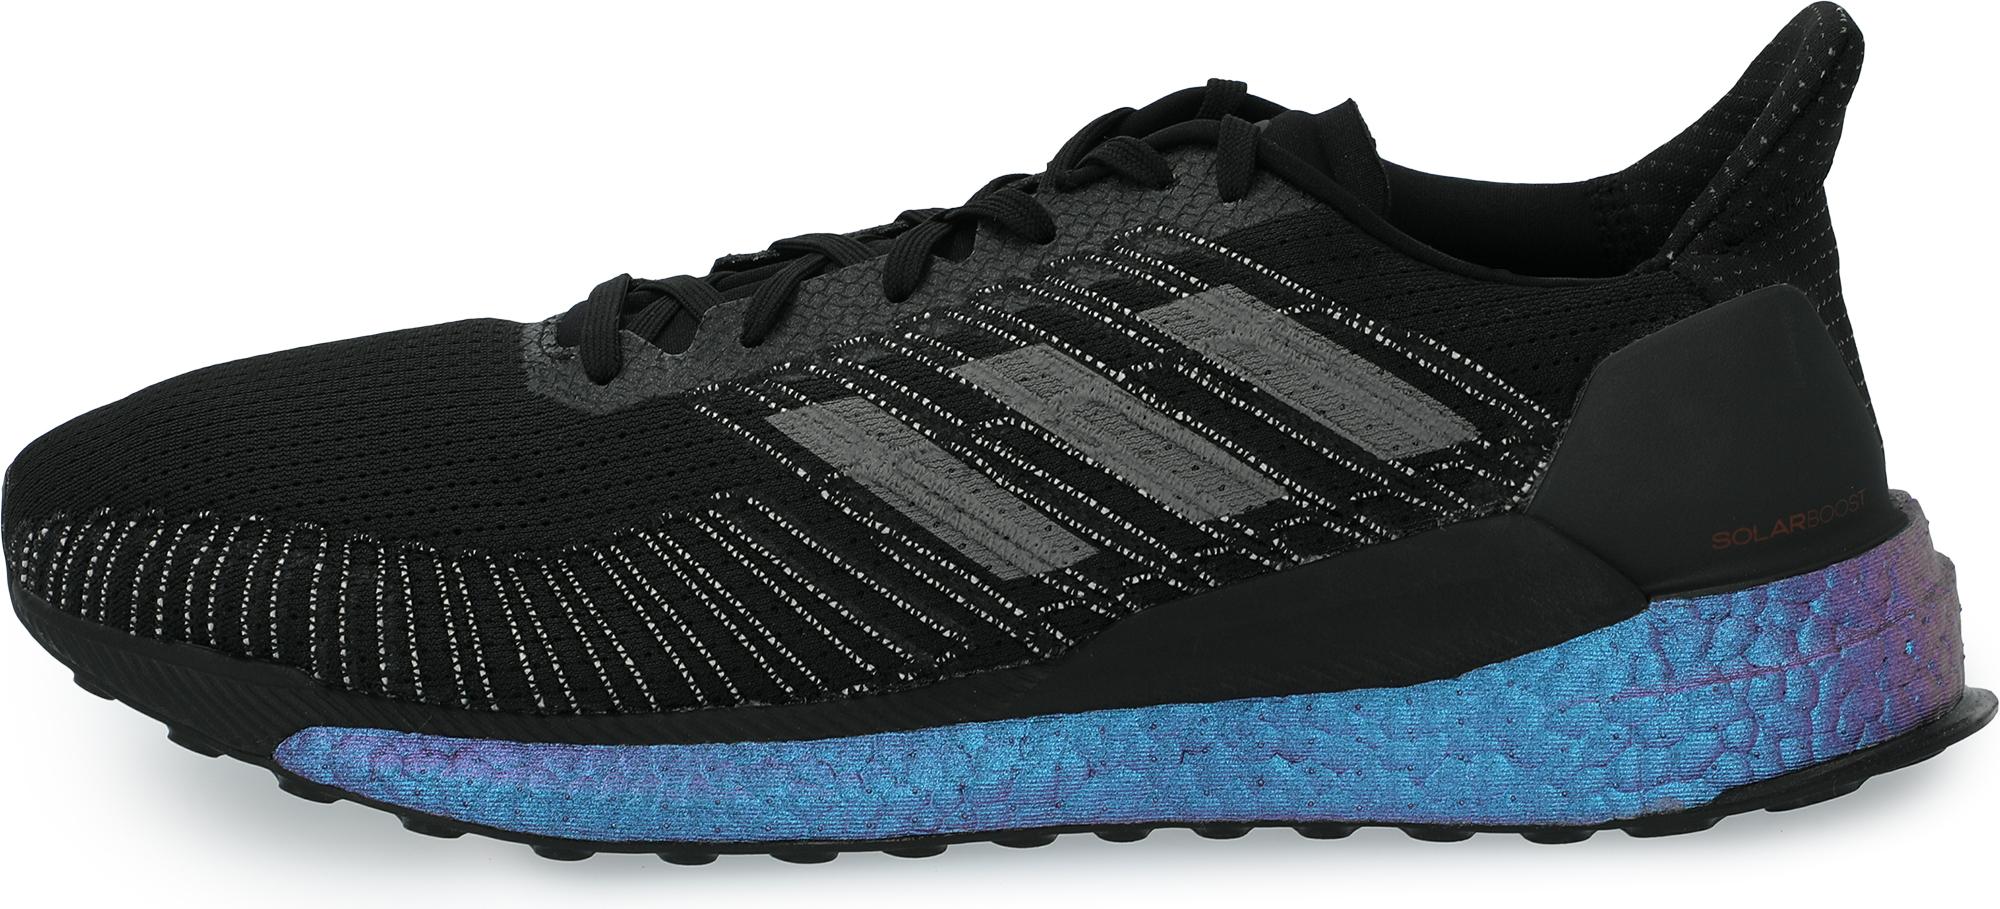 Adidas Кроссовки мужские Adidas Solar Boost 19, размер 42 кроссовки детские adidas цвет белый cg6708 размер 31 19